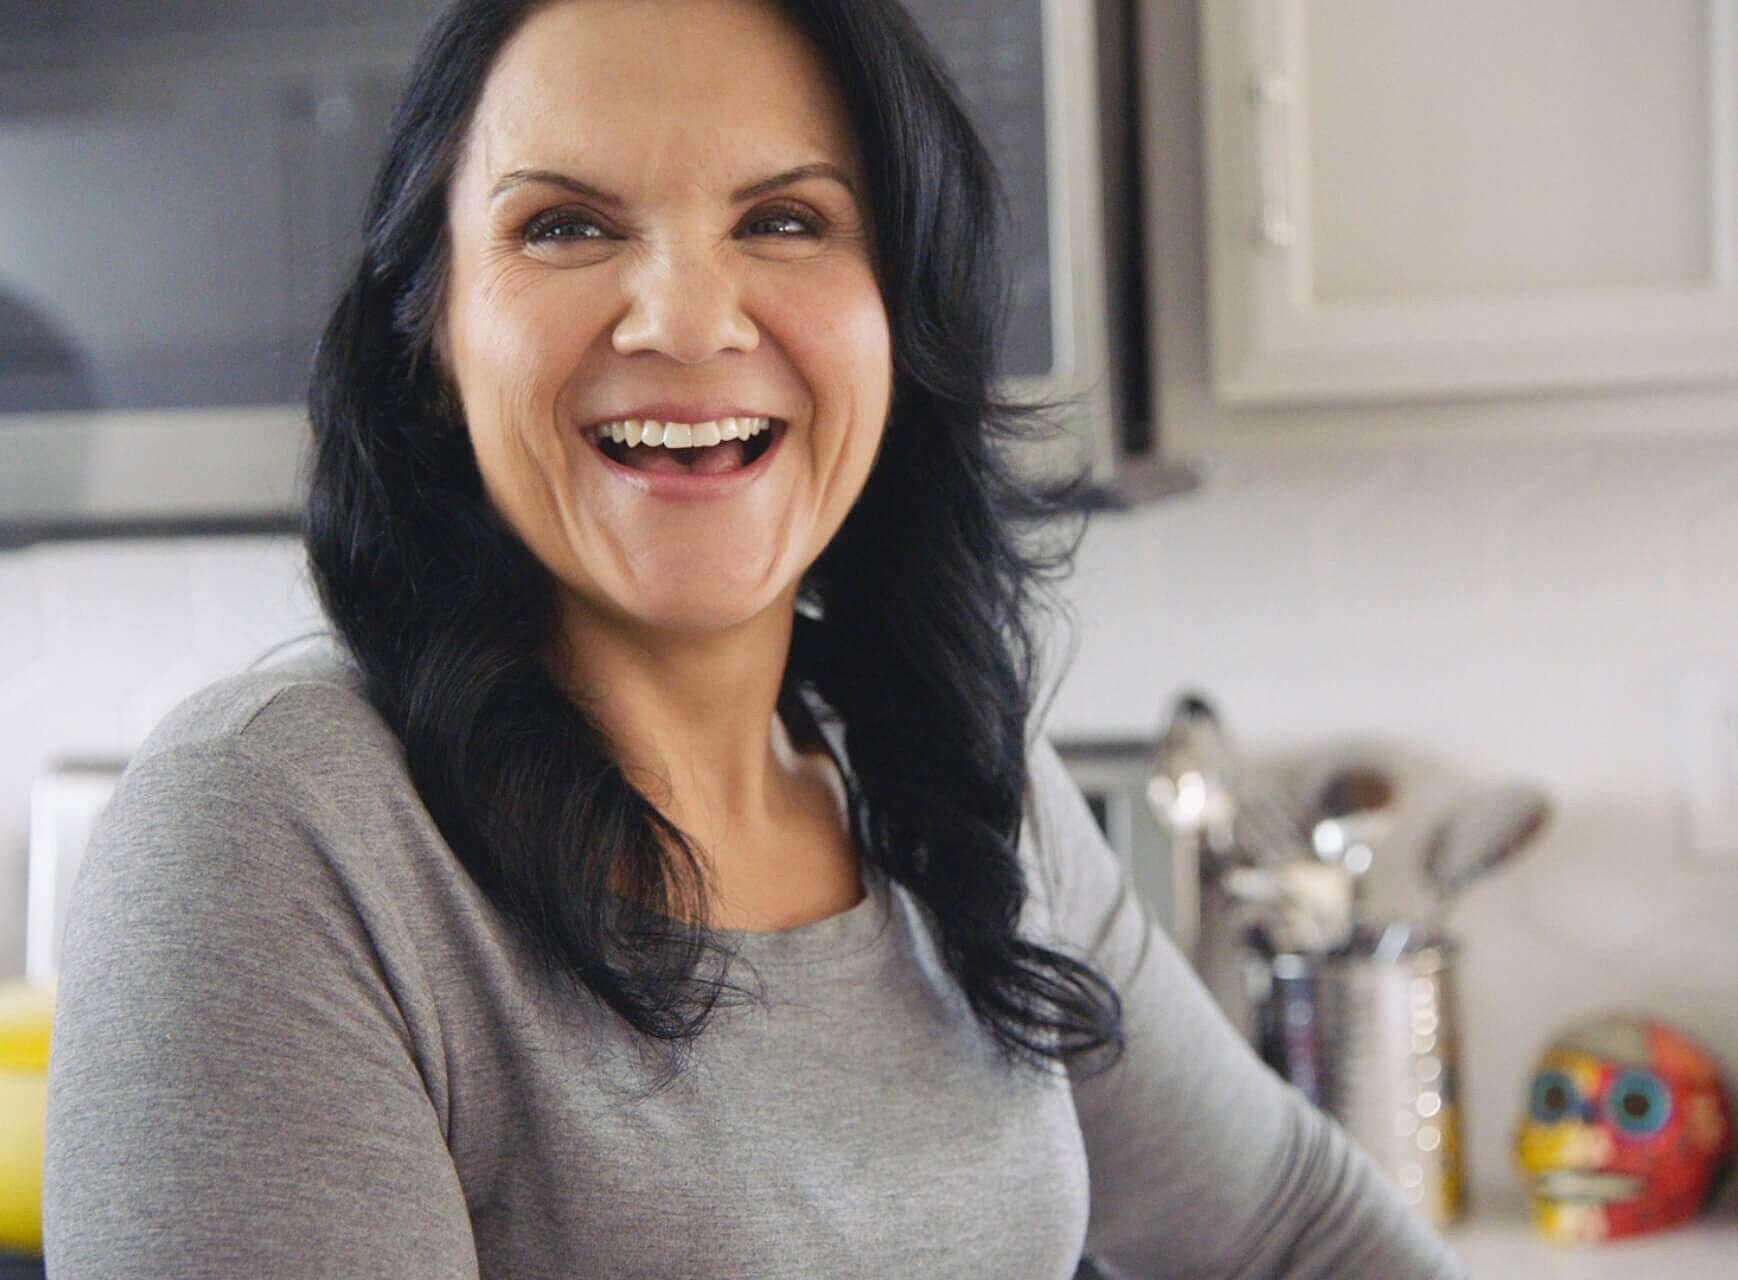 Araceli smiling in her kitchen.